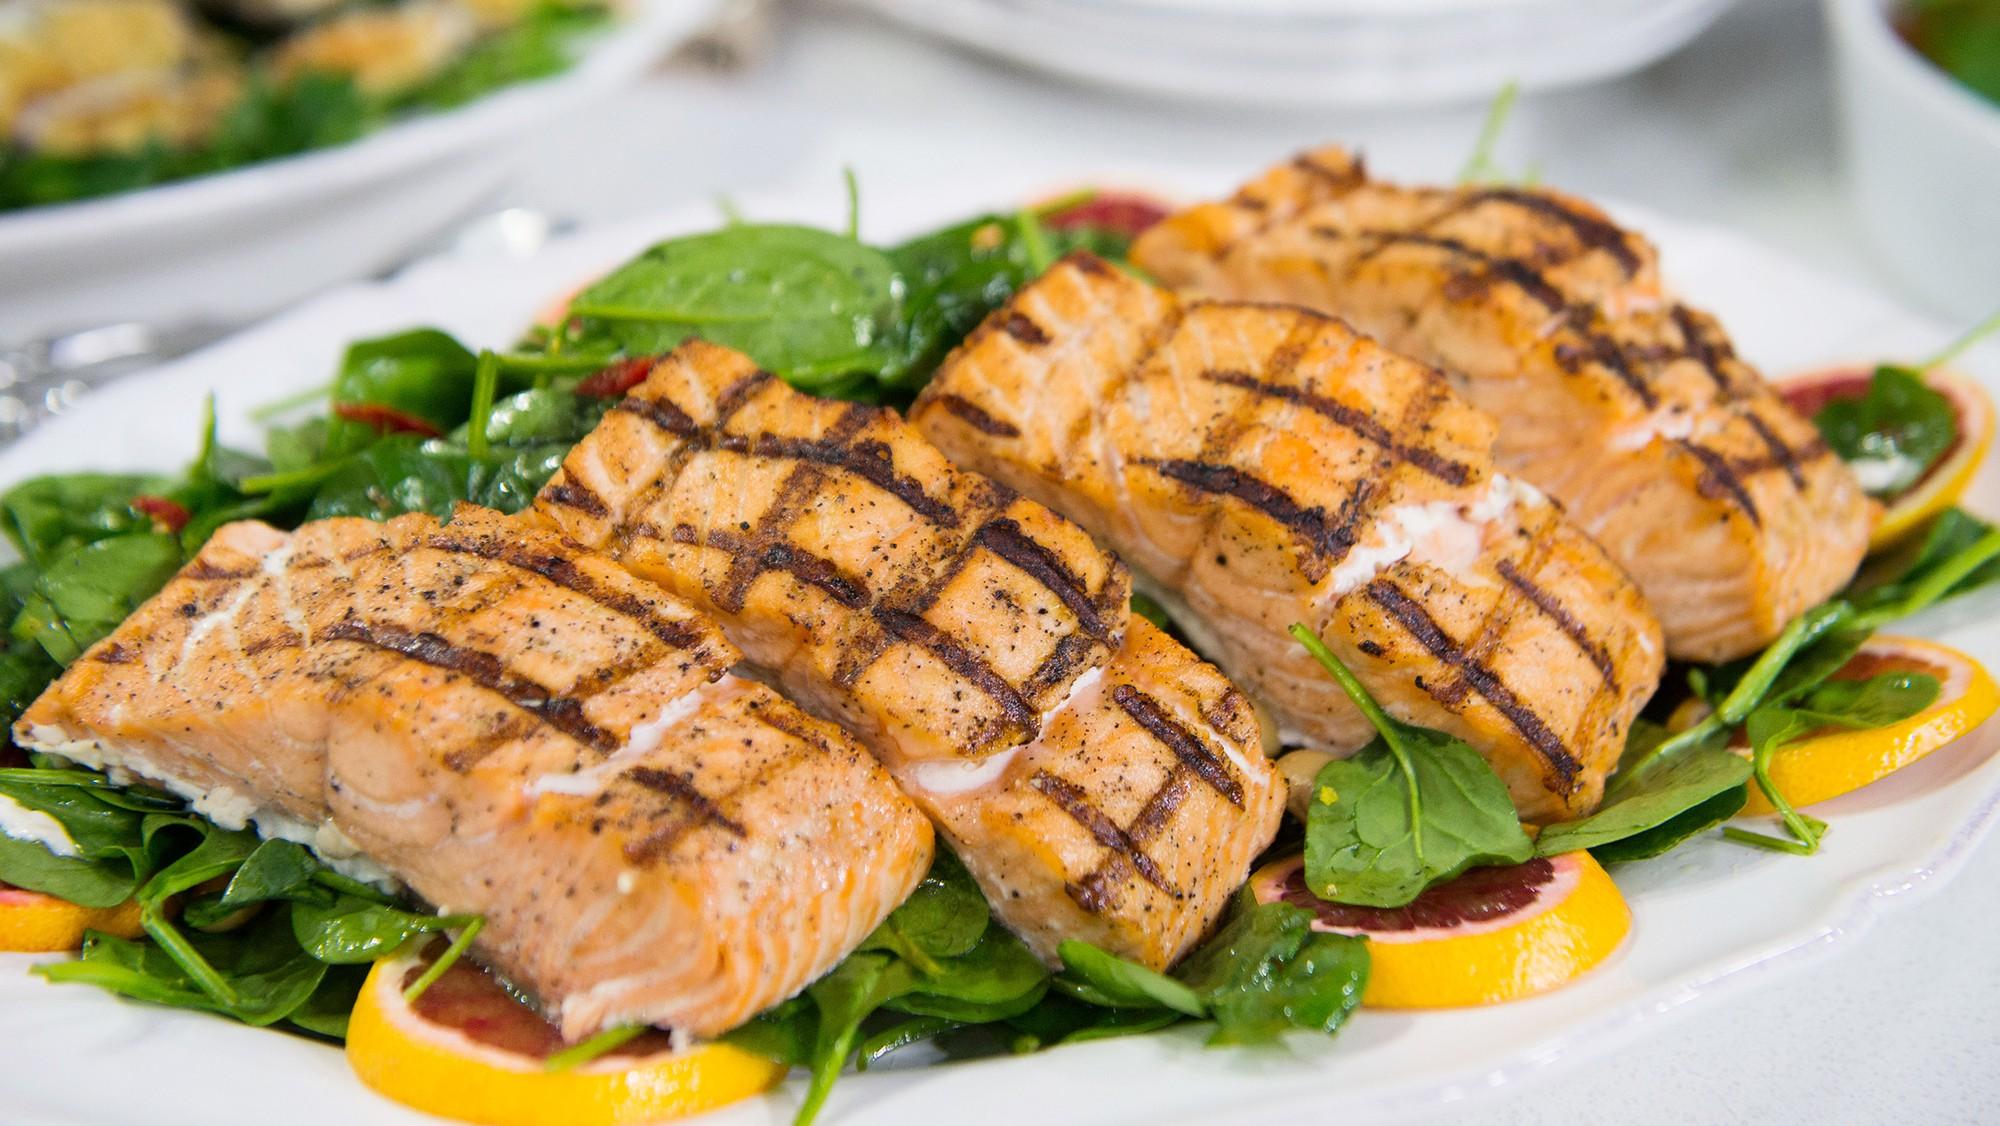 Không lo da khô bong tróc mùa gió hanh nếu bổ sung thường xuyên 7 loại thực phẩm giữ độ ẩm cho làn da sau - Ảnh 2.